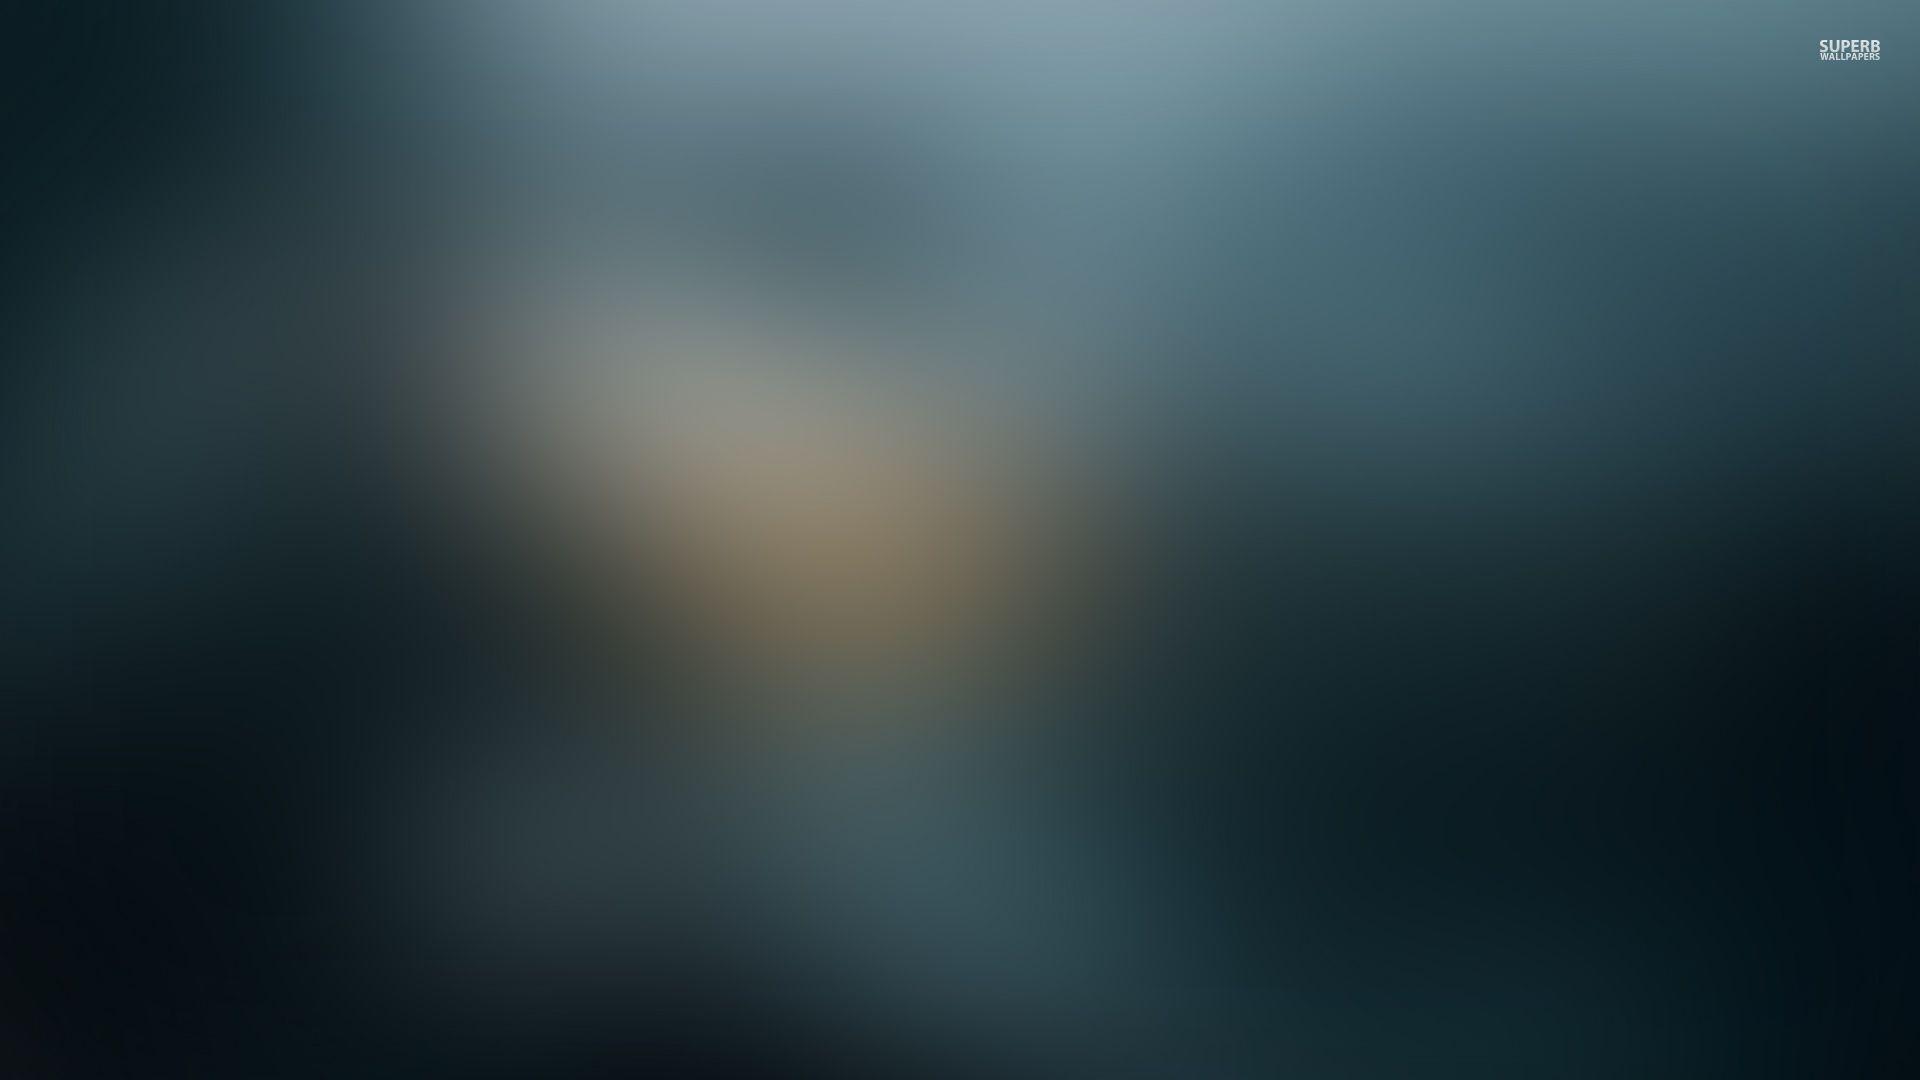 fonds d'écran blur pc et tablettes (ipad, etc...)